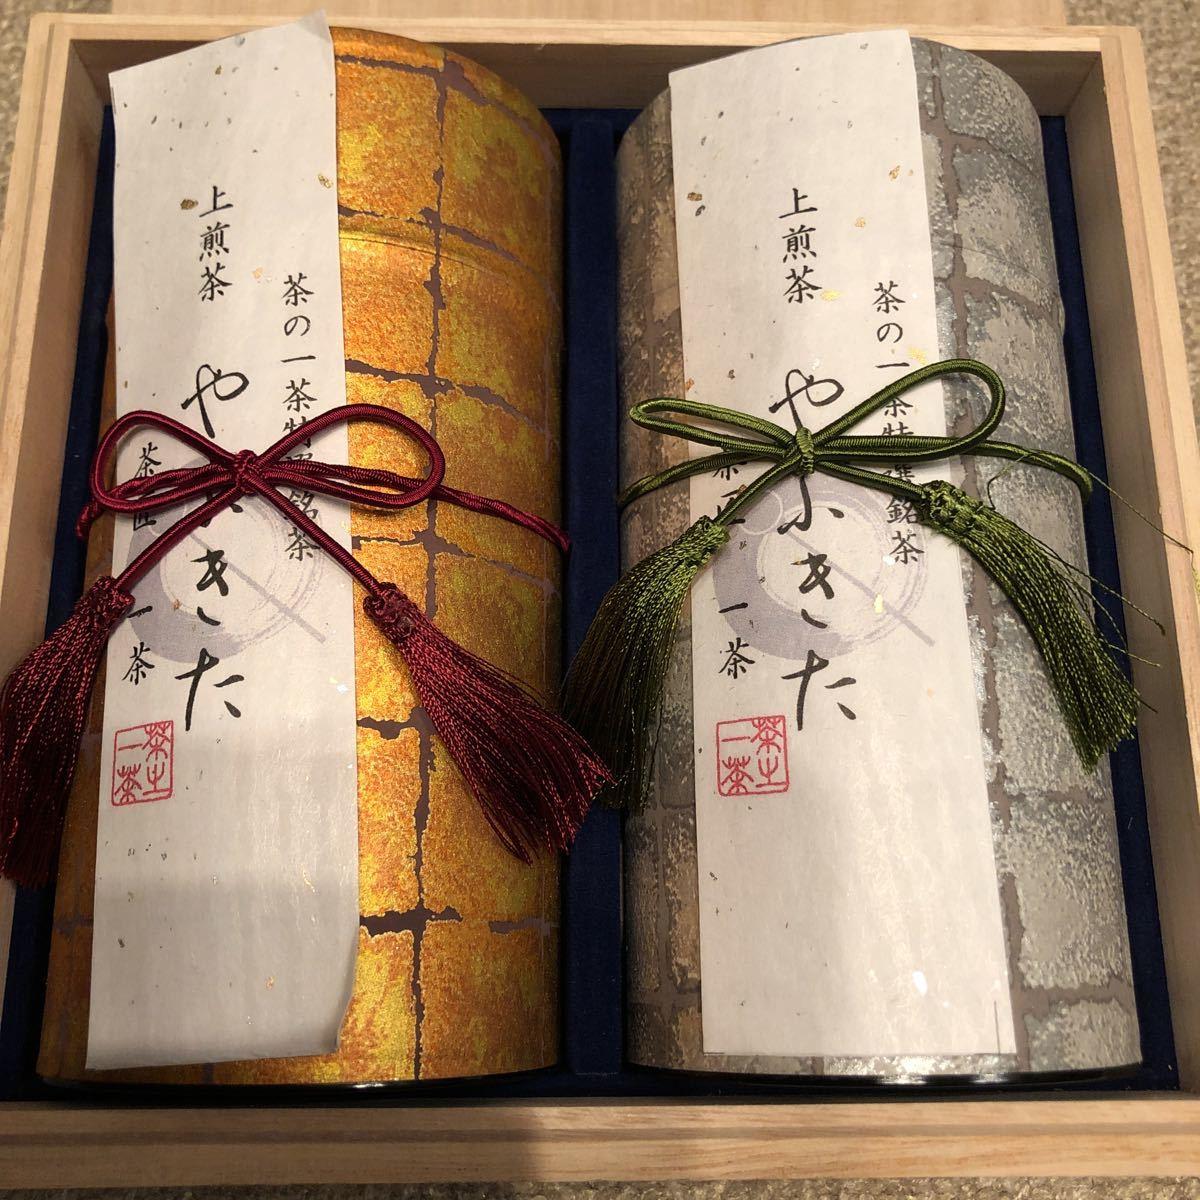 新品 高級煎茶 やぶきた 茶の一茶 狭山茶詰合せ_画像2